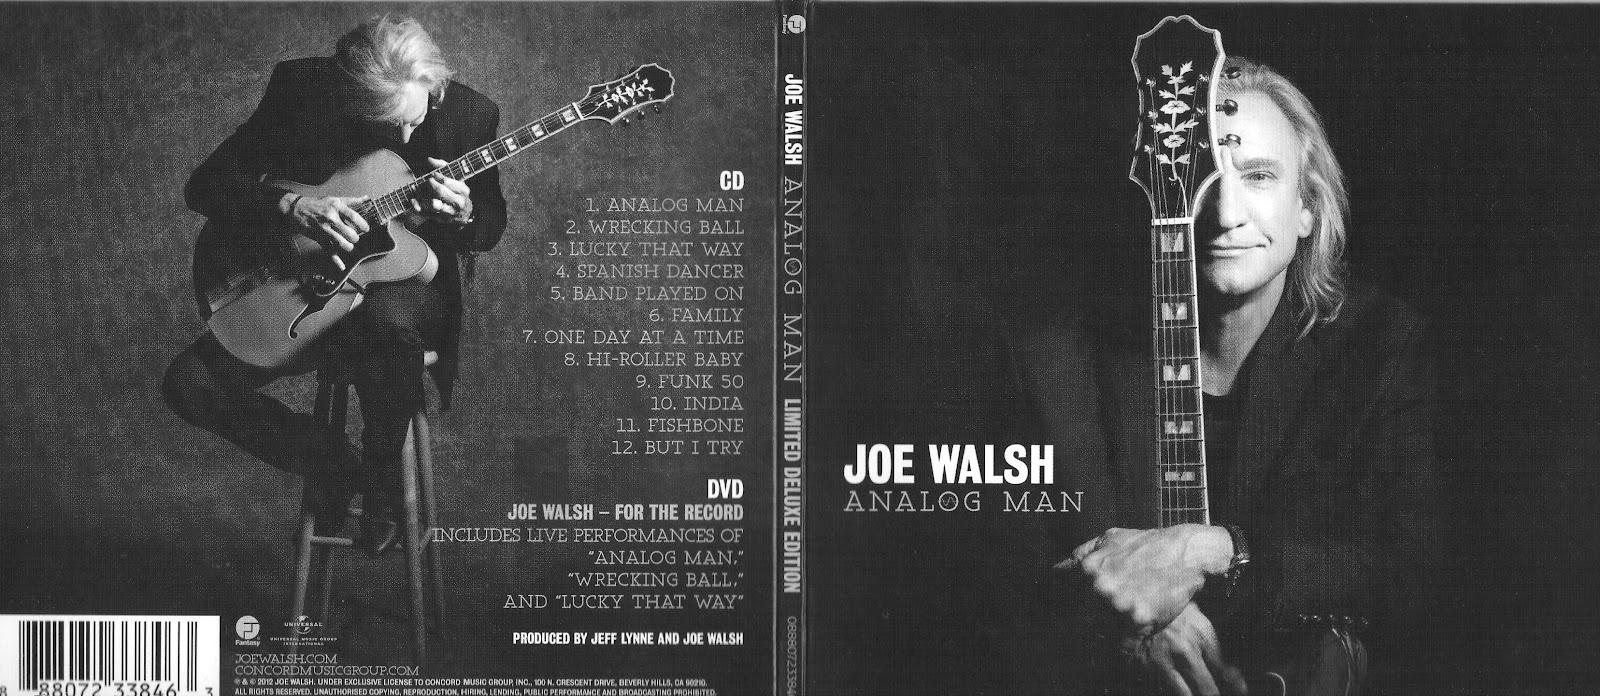 Elobeatlesforever Review Analog Man Joe Walsh